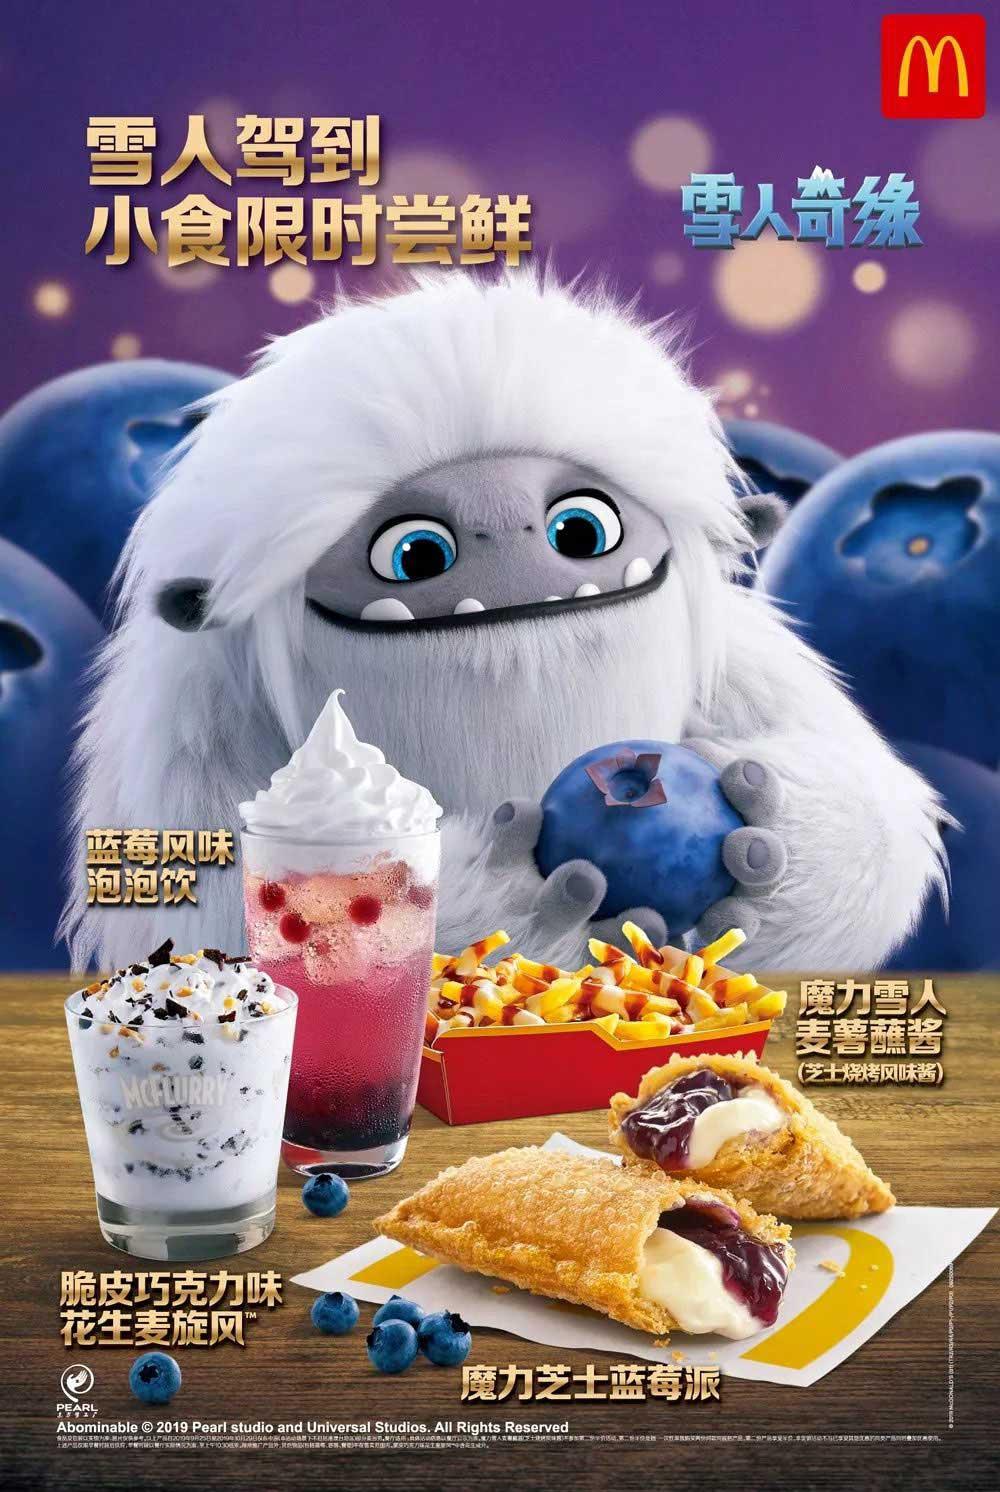 麦当劳雪人奇缘小食限时尝鲜,魔力雪人麦薯蘸酱、魔力芝士蓝莓派